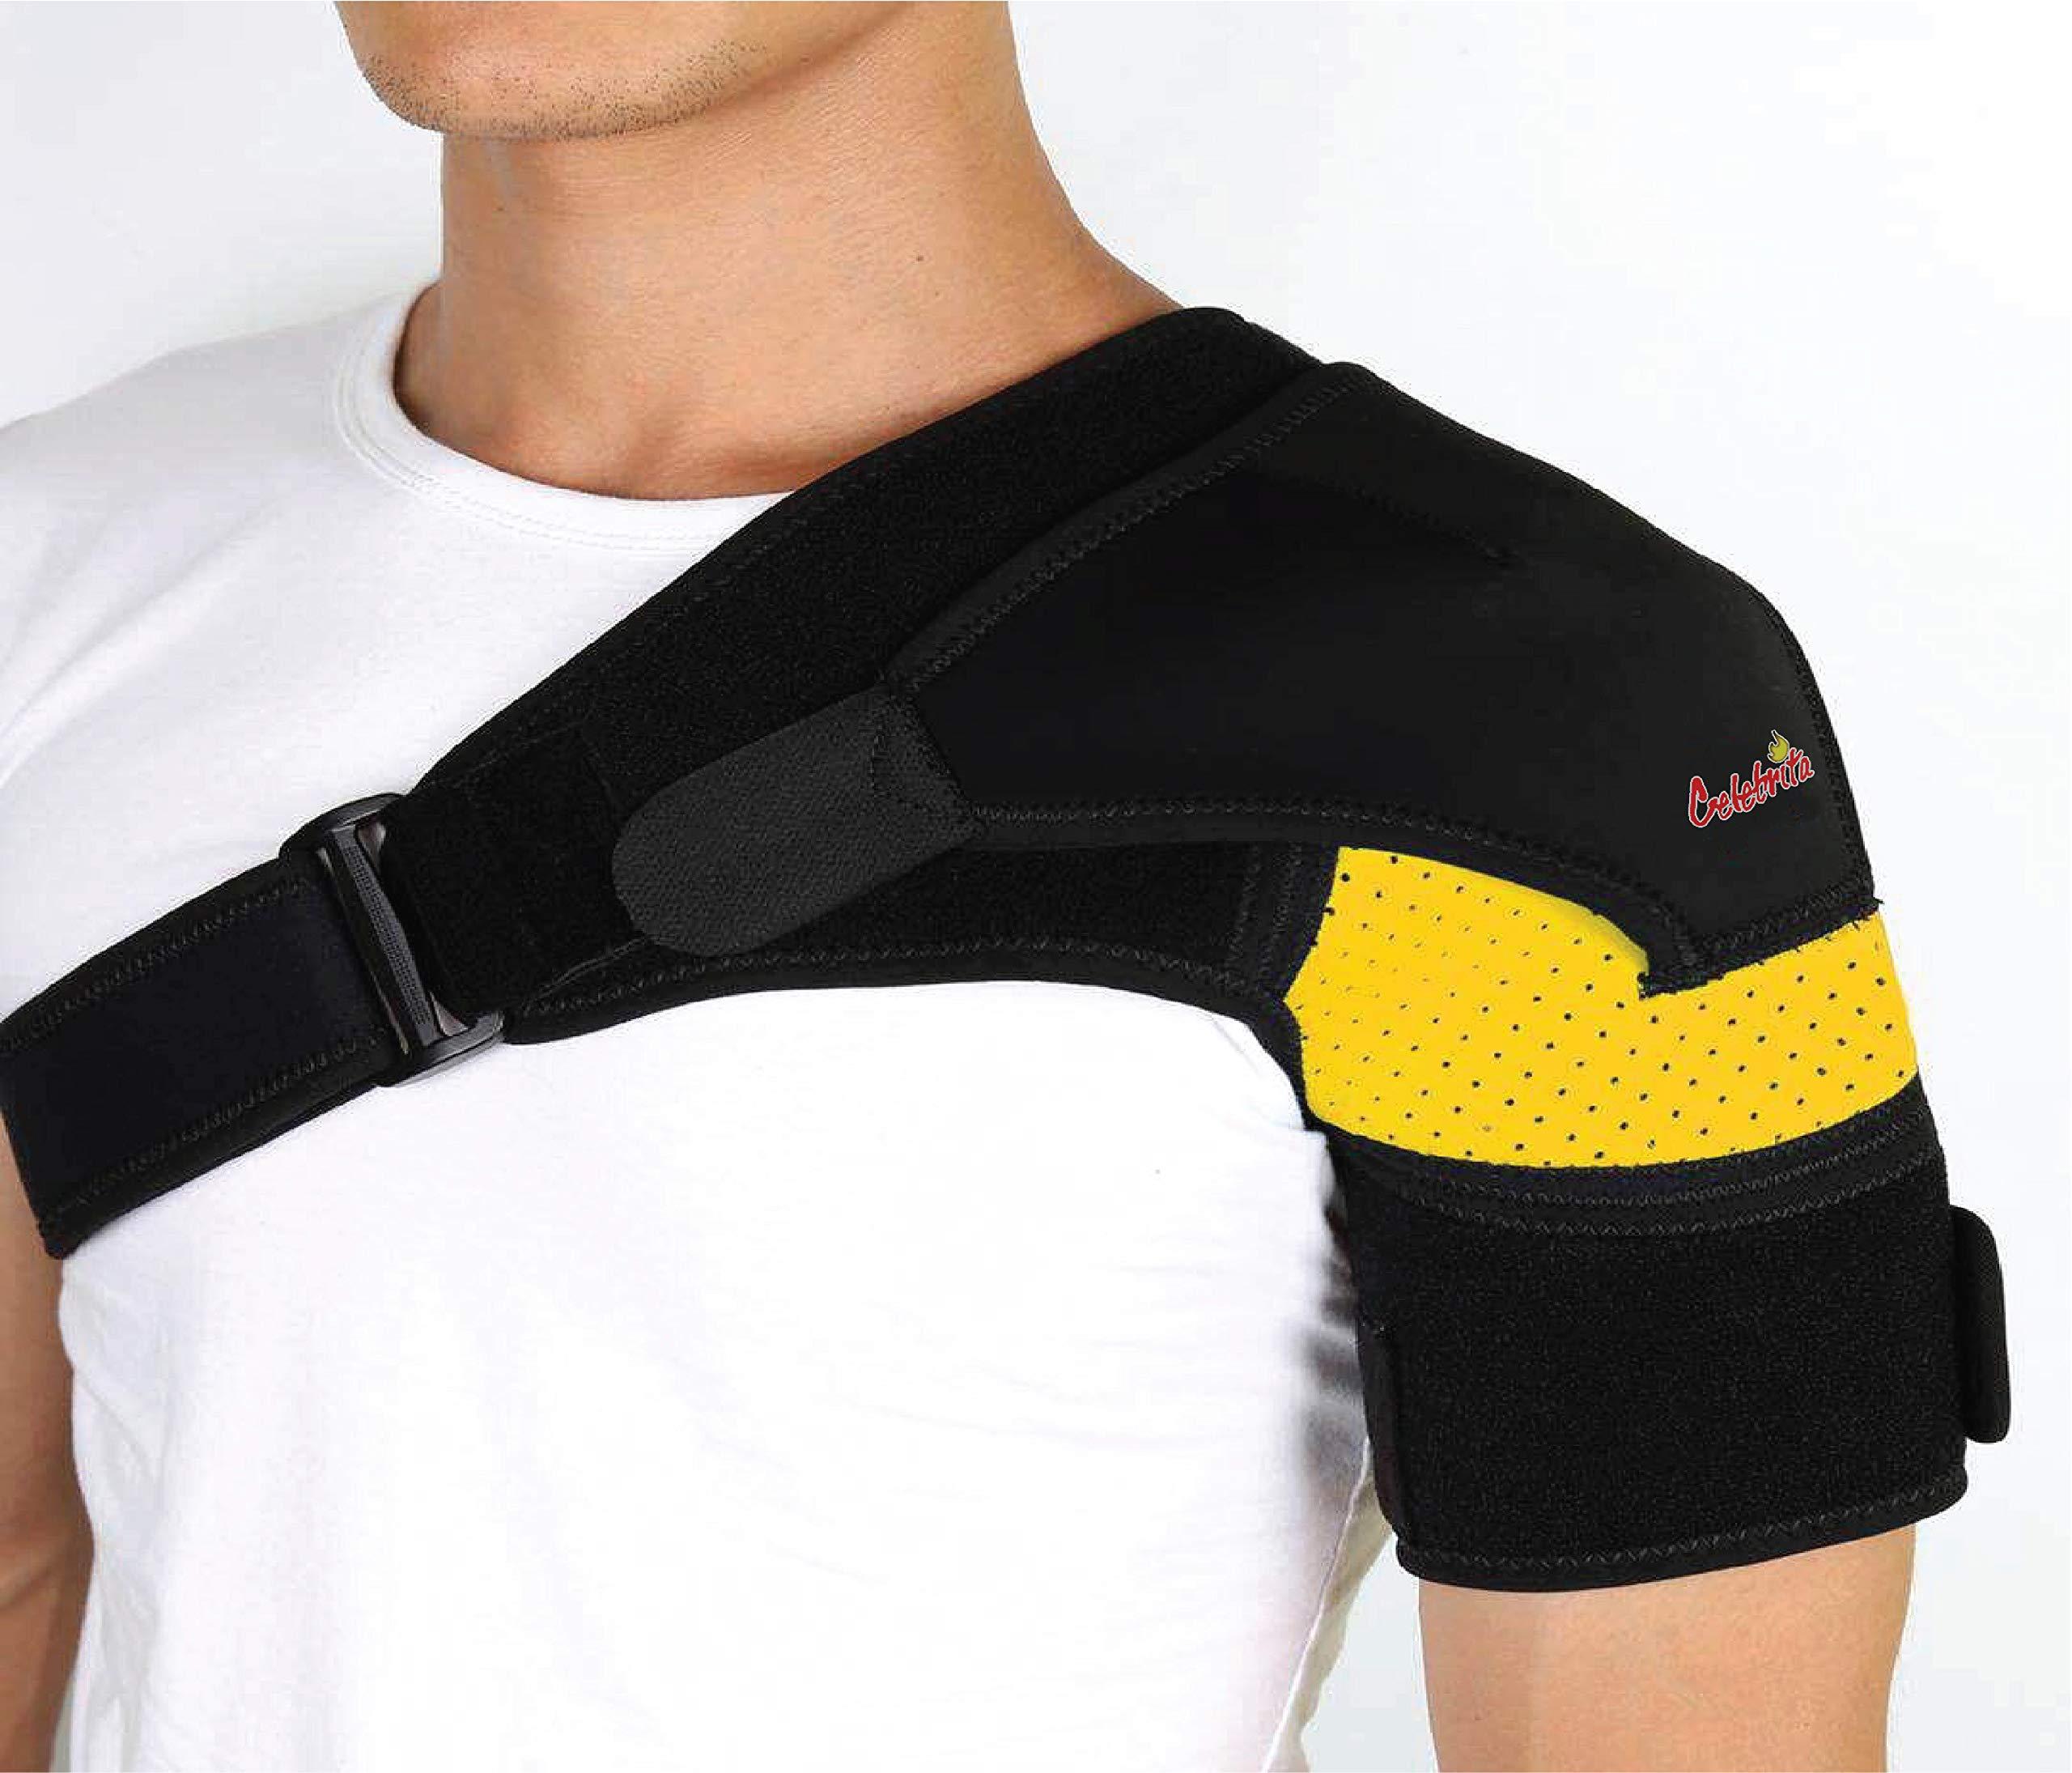 Shoulder Brace-Shoulder Compression Sleeve Strap wrap Provides Support & Ease in Rotator Cuff, Shoulder Pain & Labrum Tear Injury for Men & Women. by Celebrita MMA